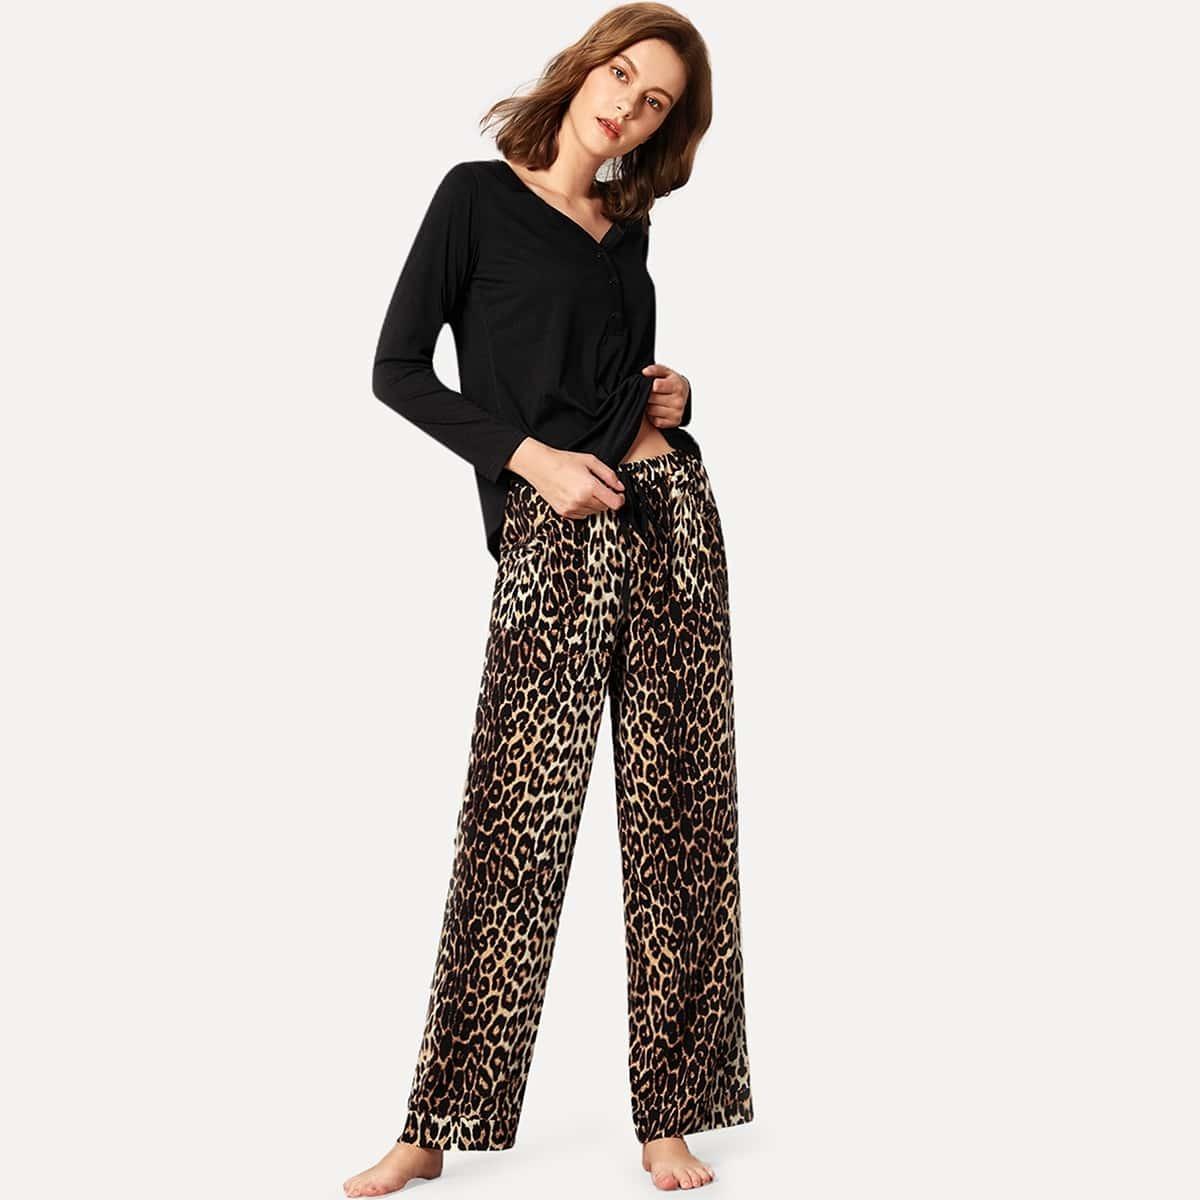 Effen broek met top en luipaard print PJ-set